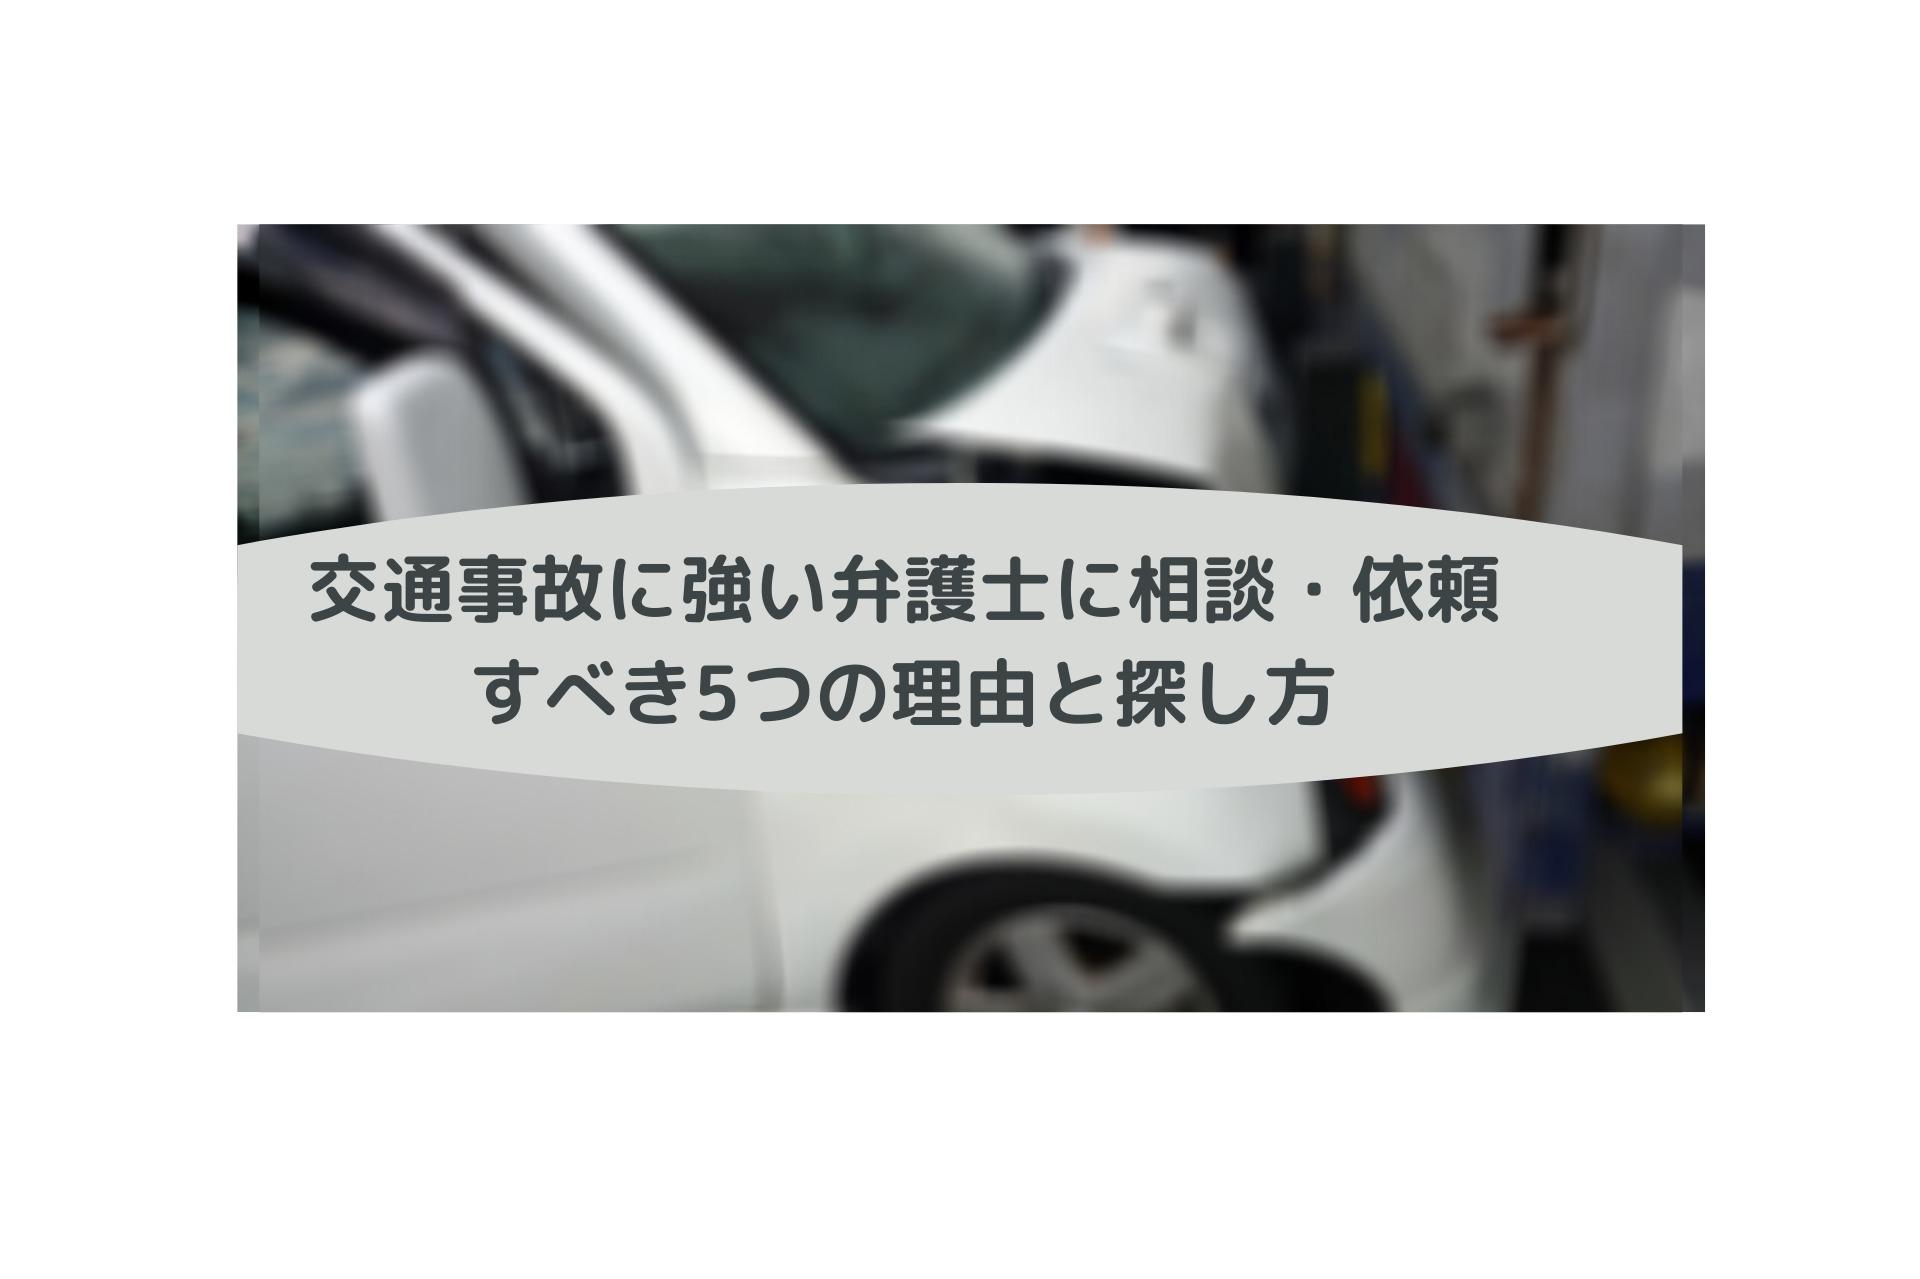 交通事故に強い弁護士に相談・依頼すべき5つの理由と探し方